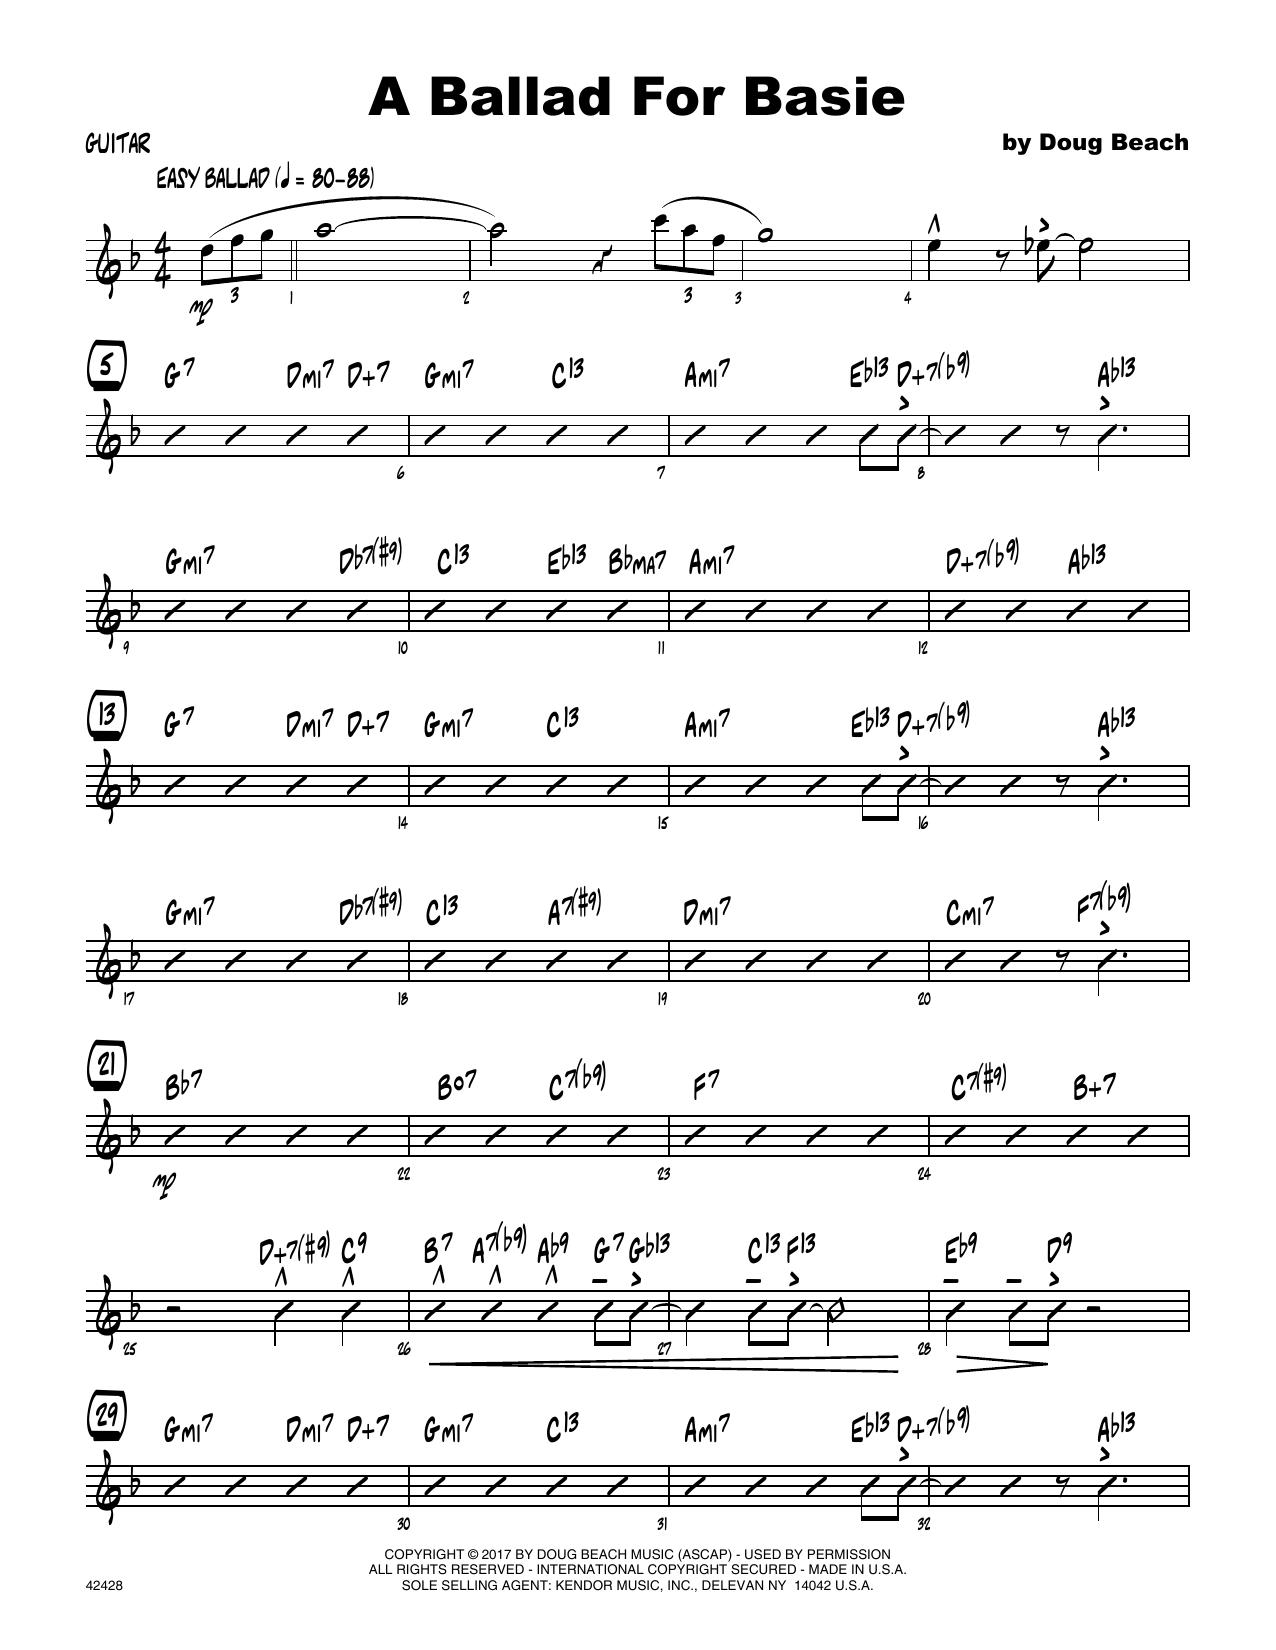 A Ballad For Basie - Guitar Sheet Music